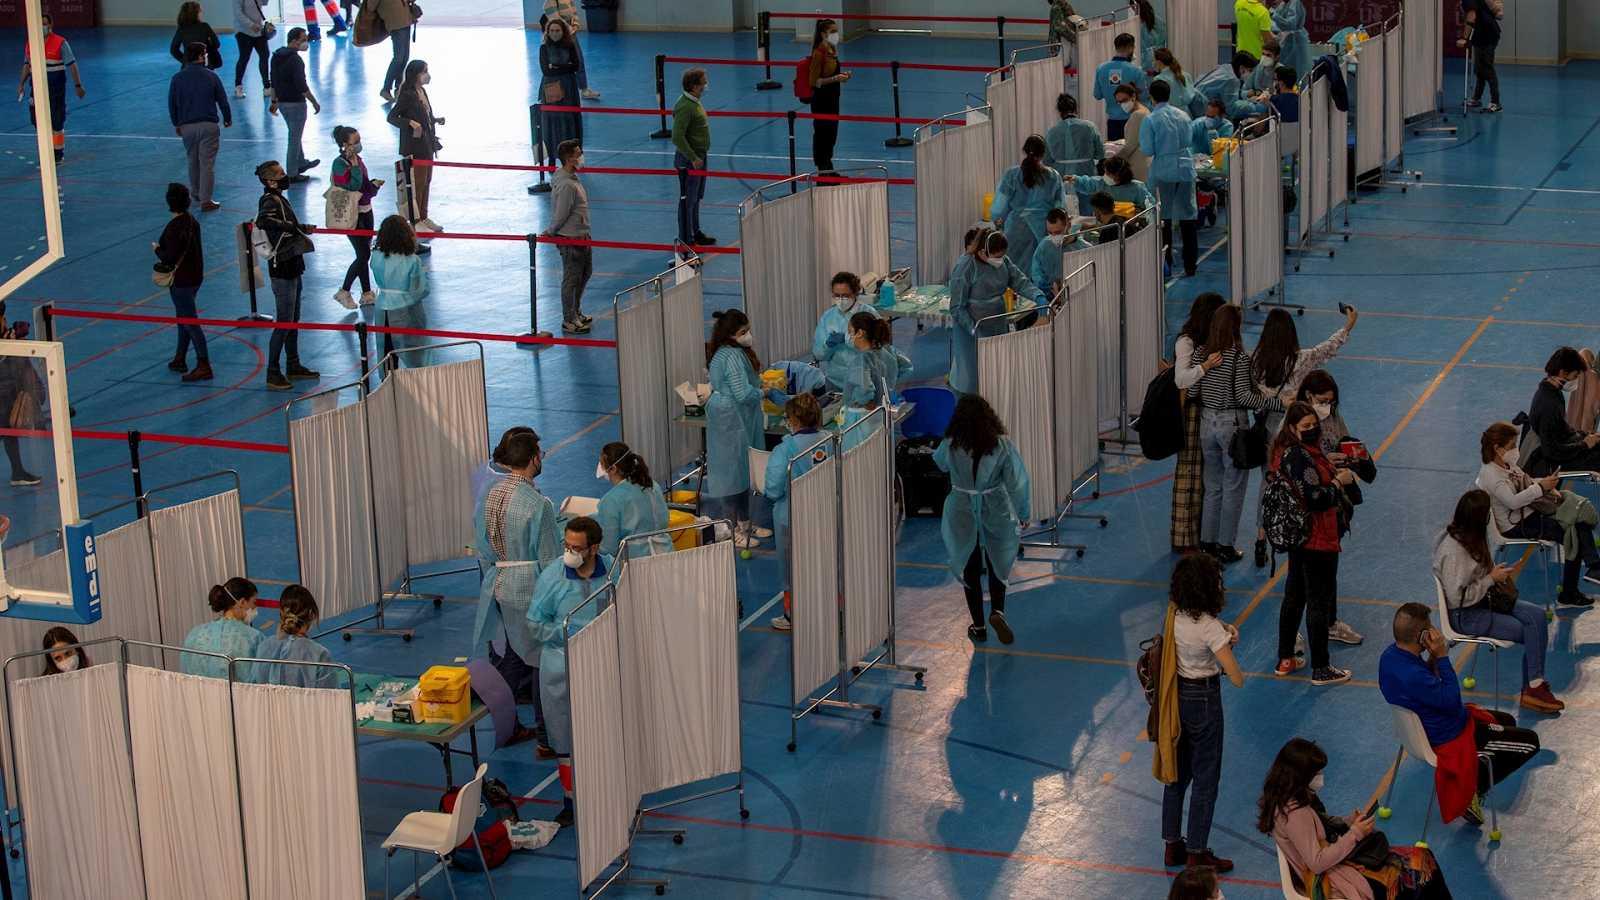 24 horas Fin de Semana - 20 horas - Más de un millón de personas están vacunadas en España dos meses después del inicio de la vacunación - Escuchar ahora